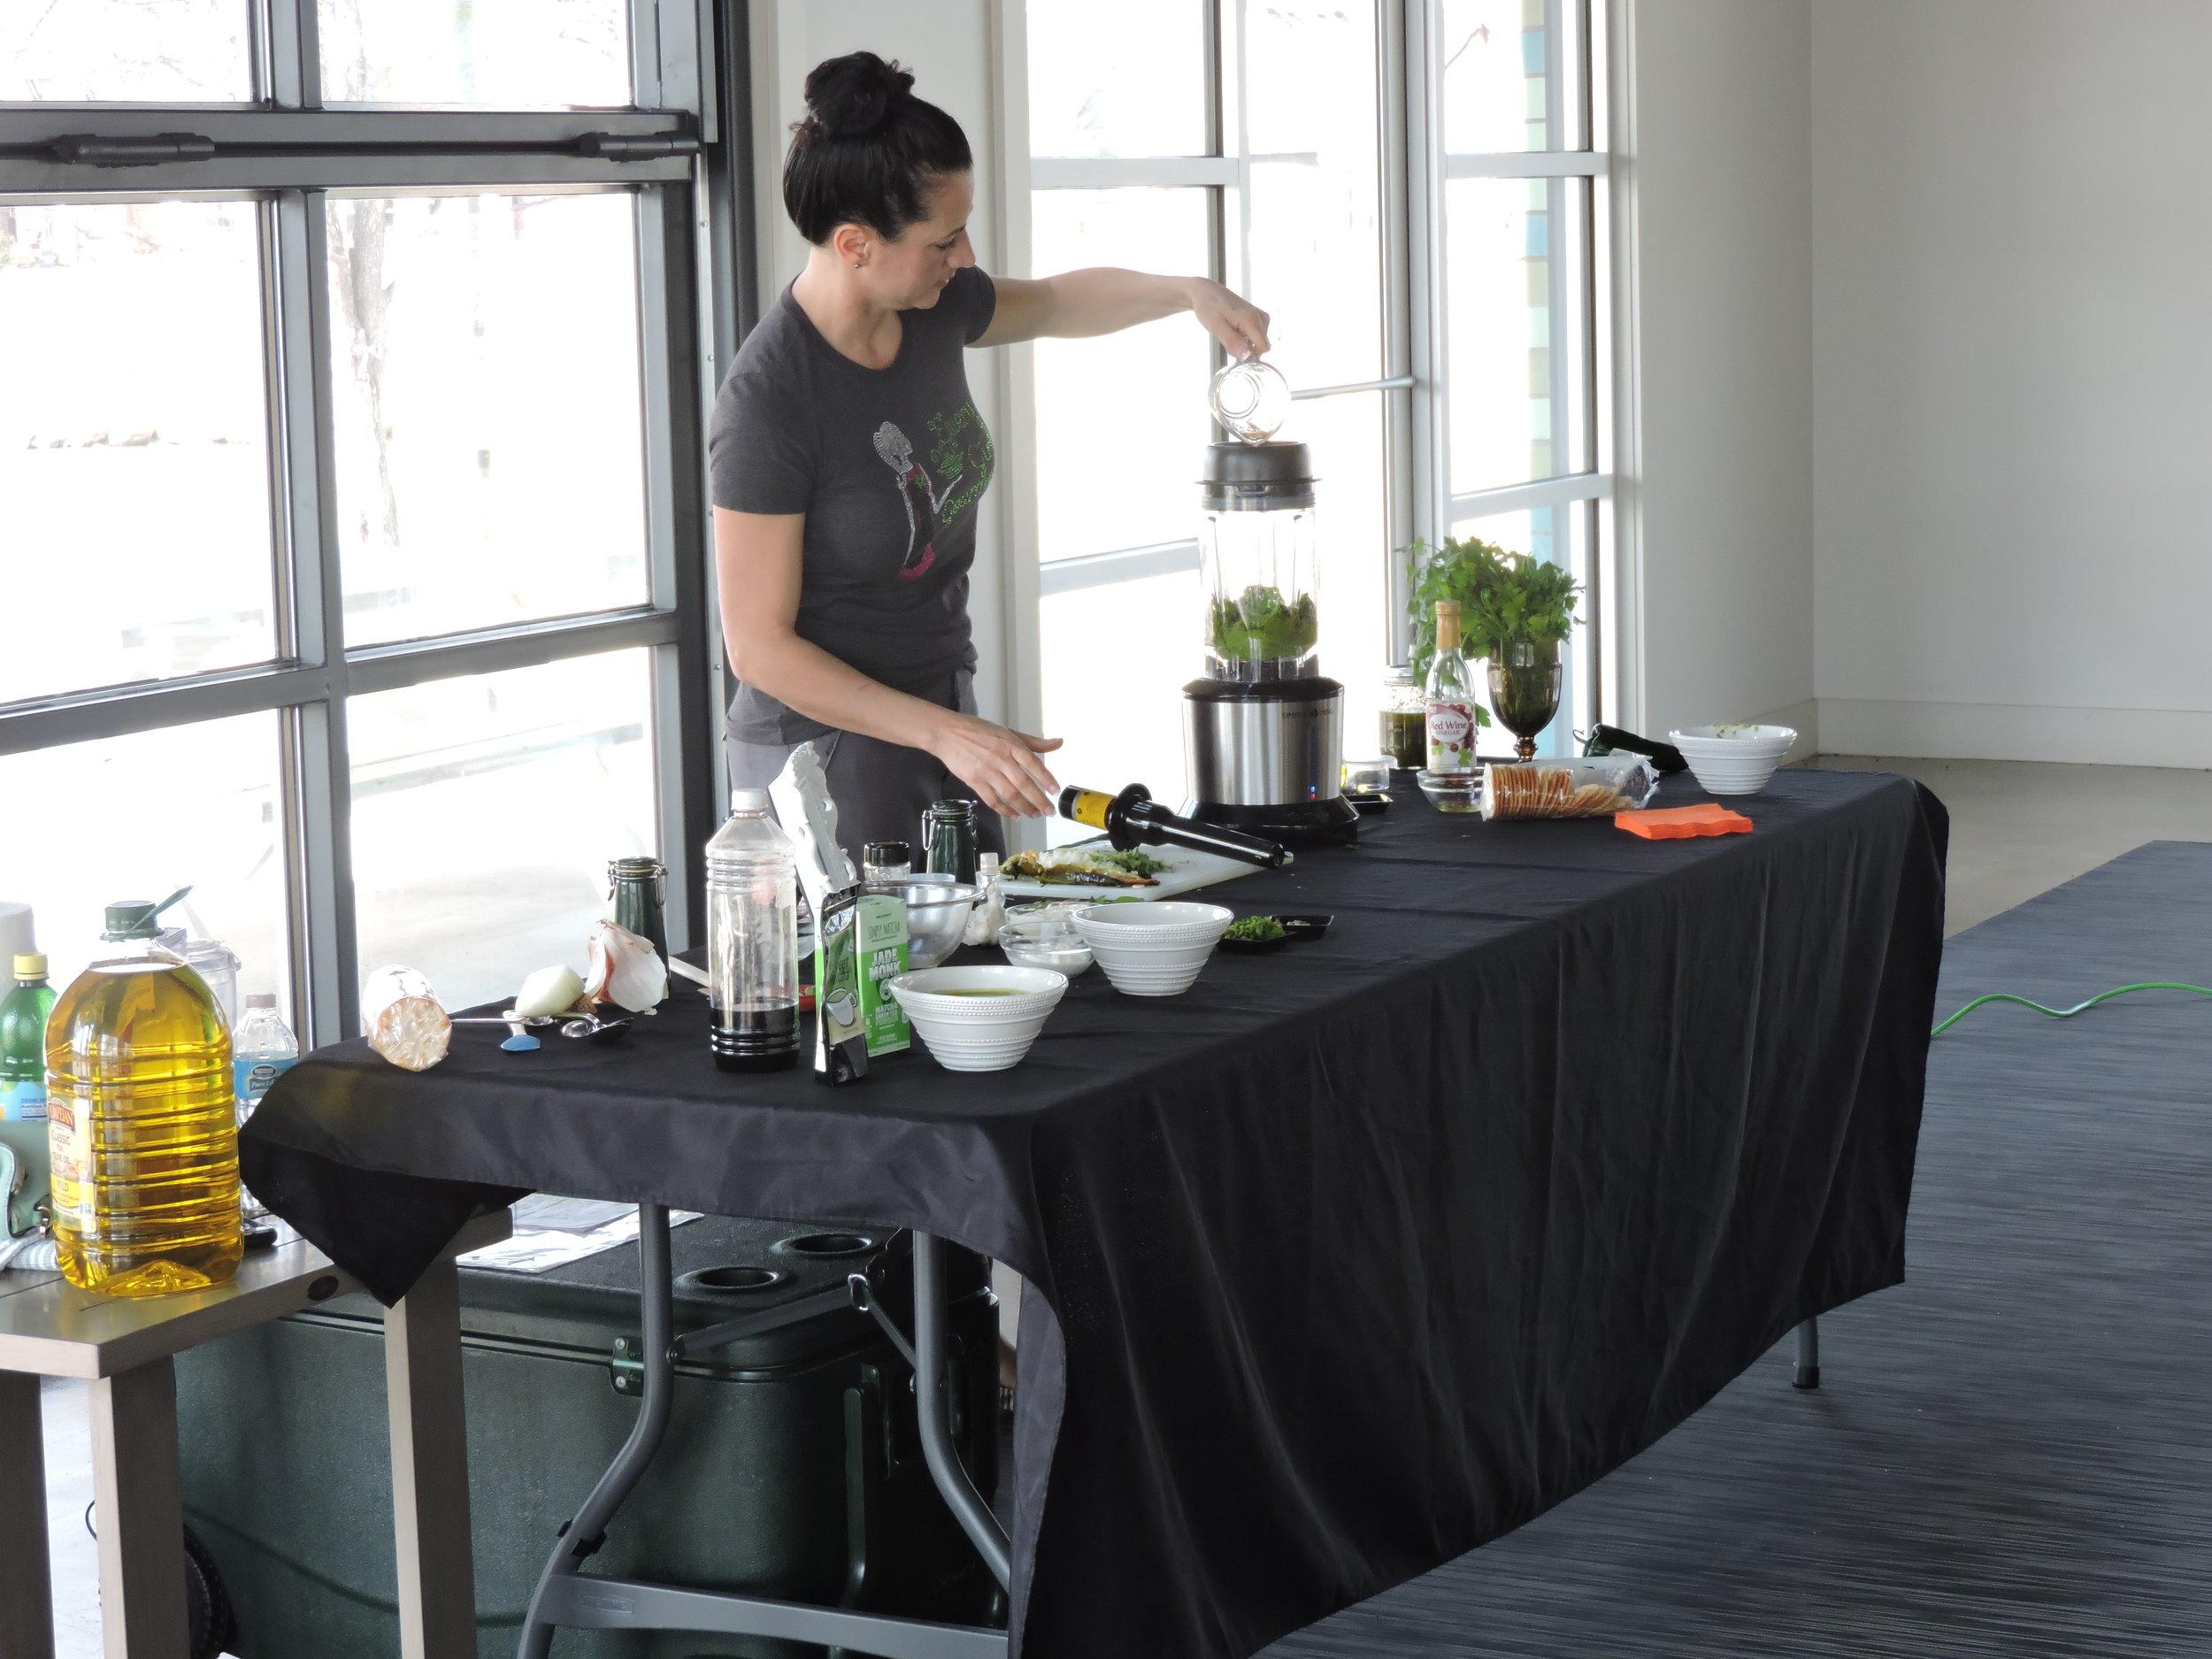 cooking class7.jpg